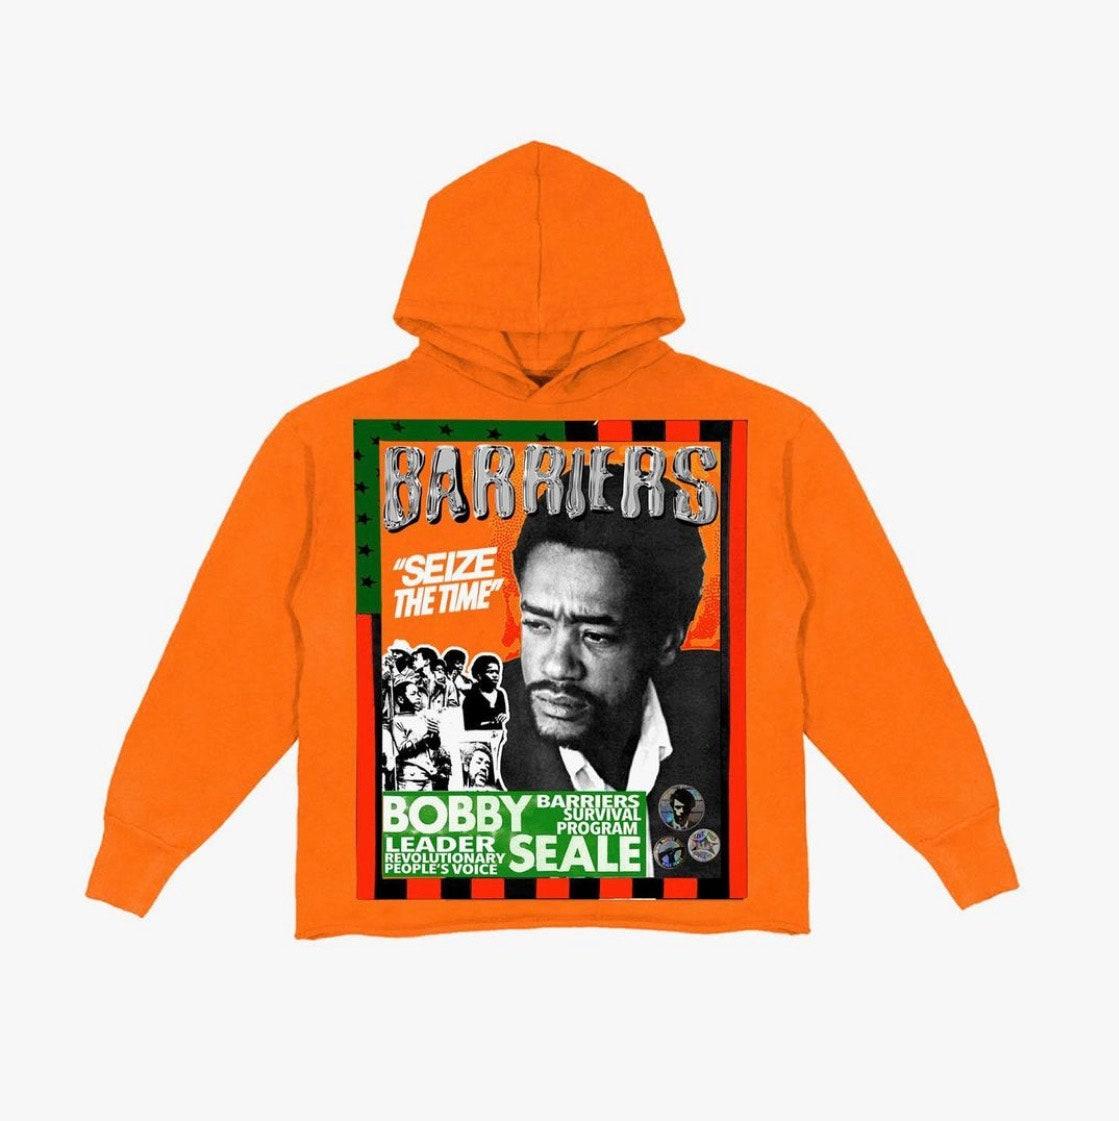 Barriers's Bobby Seale hoodie